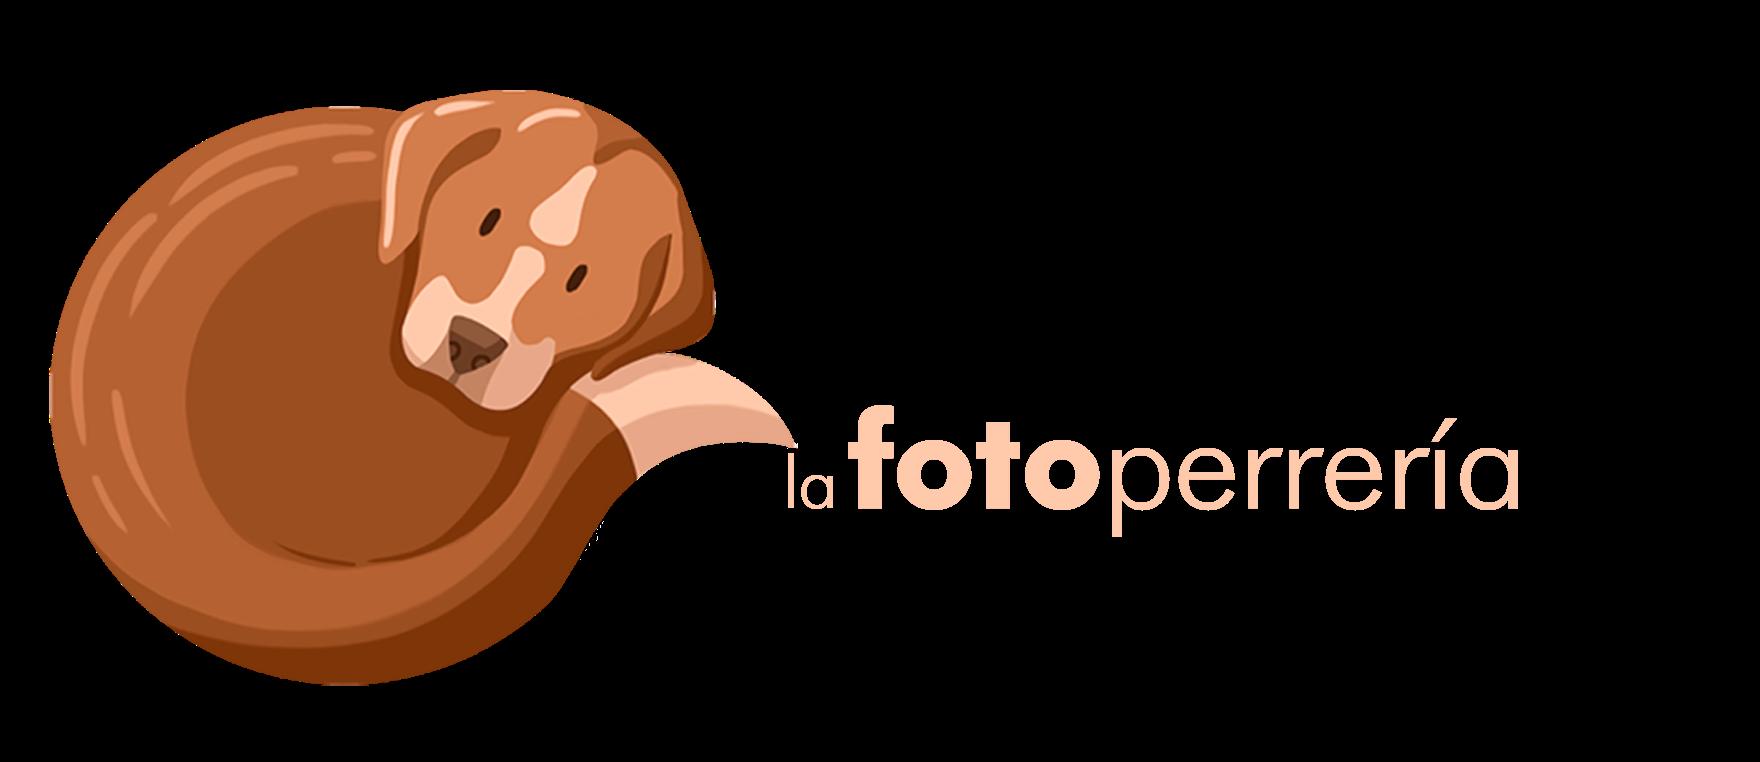 La Fotoperrería